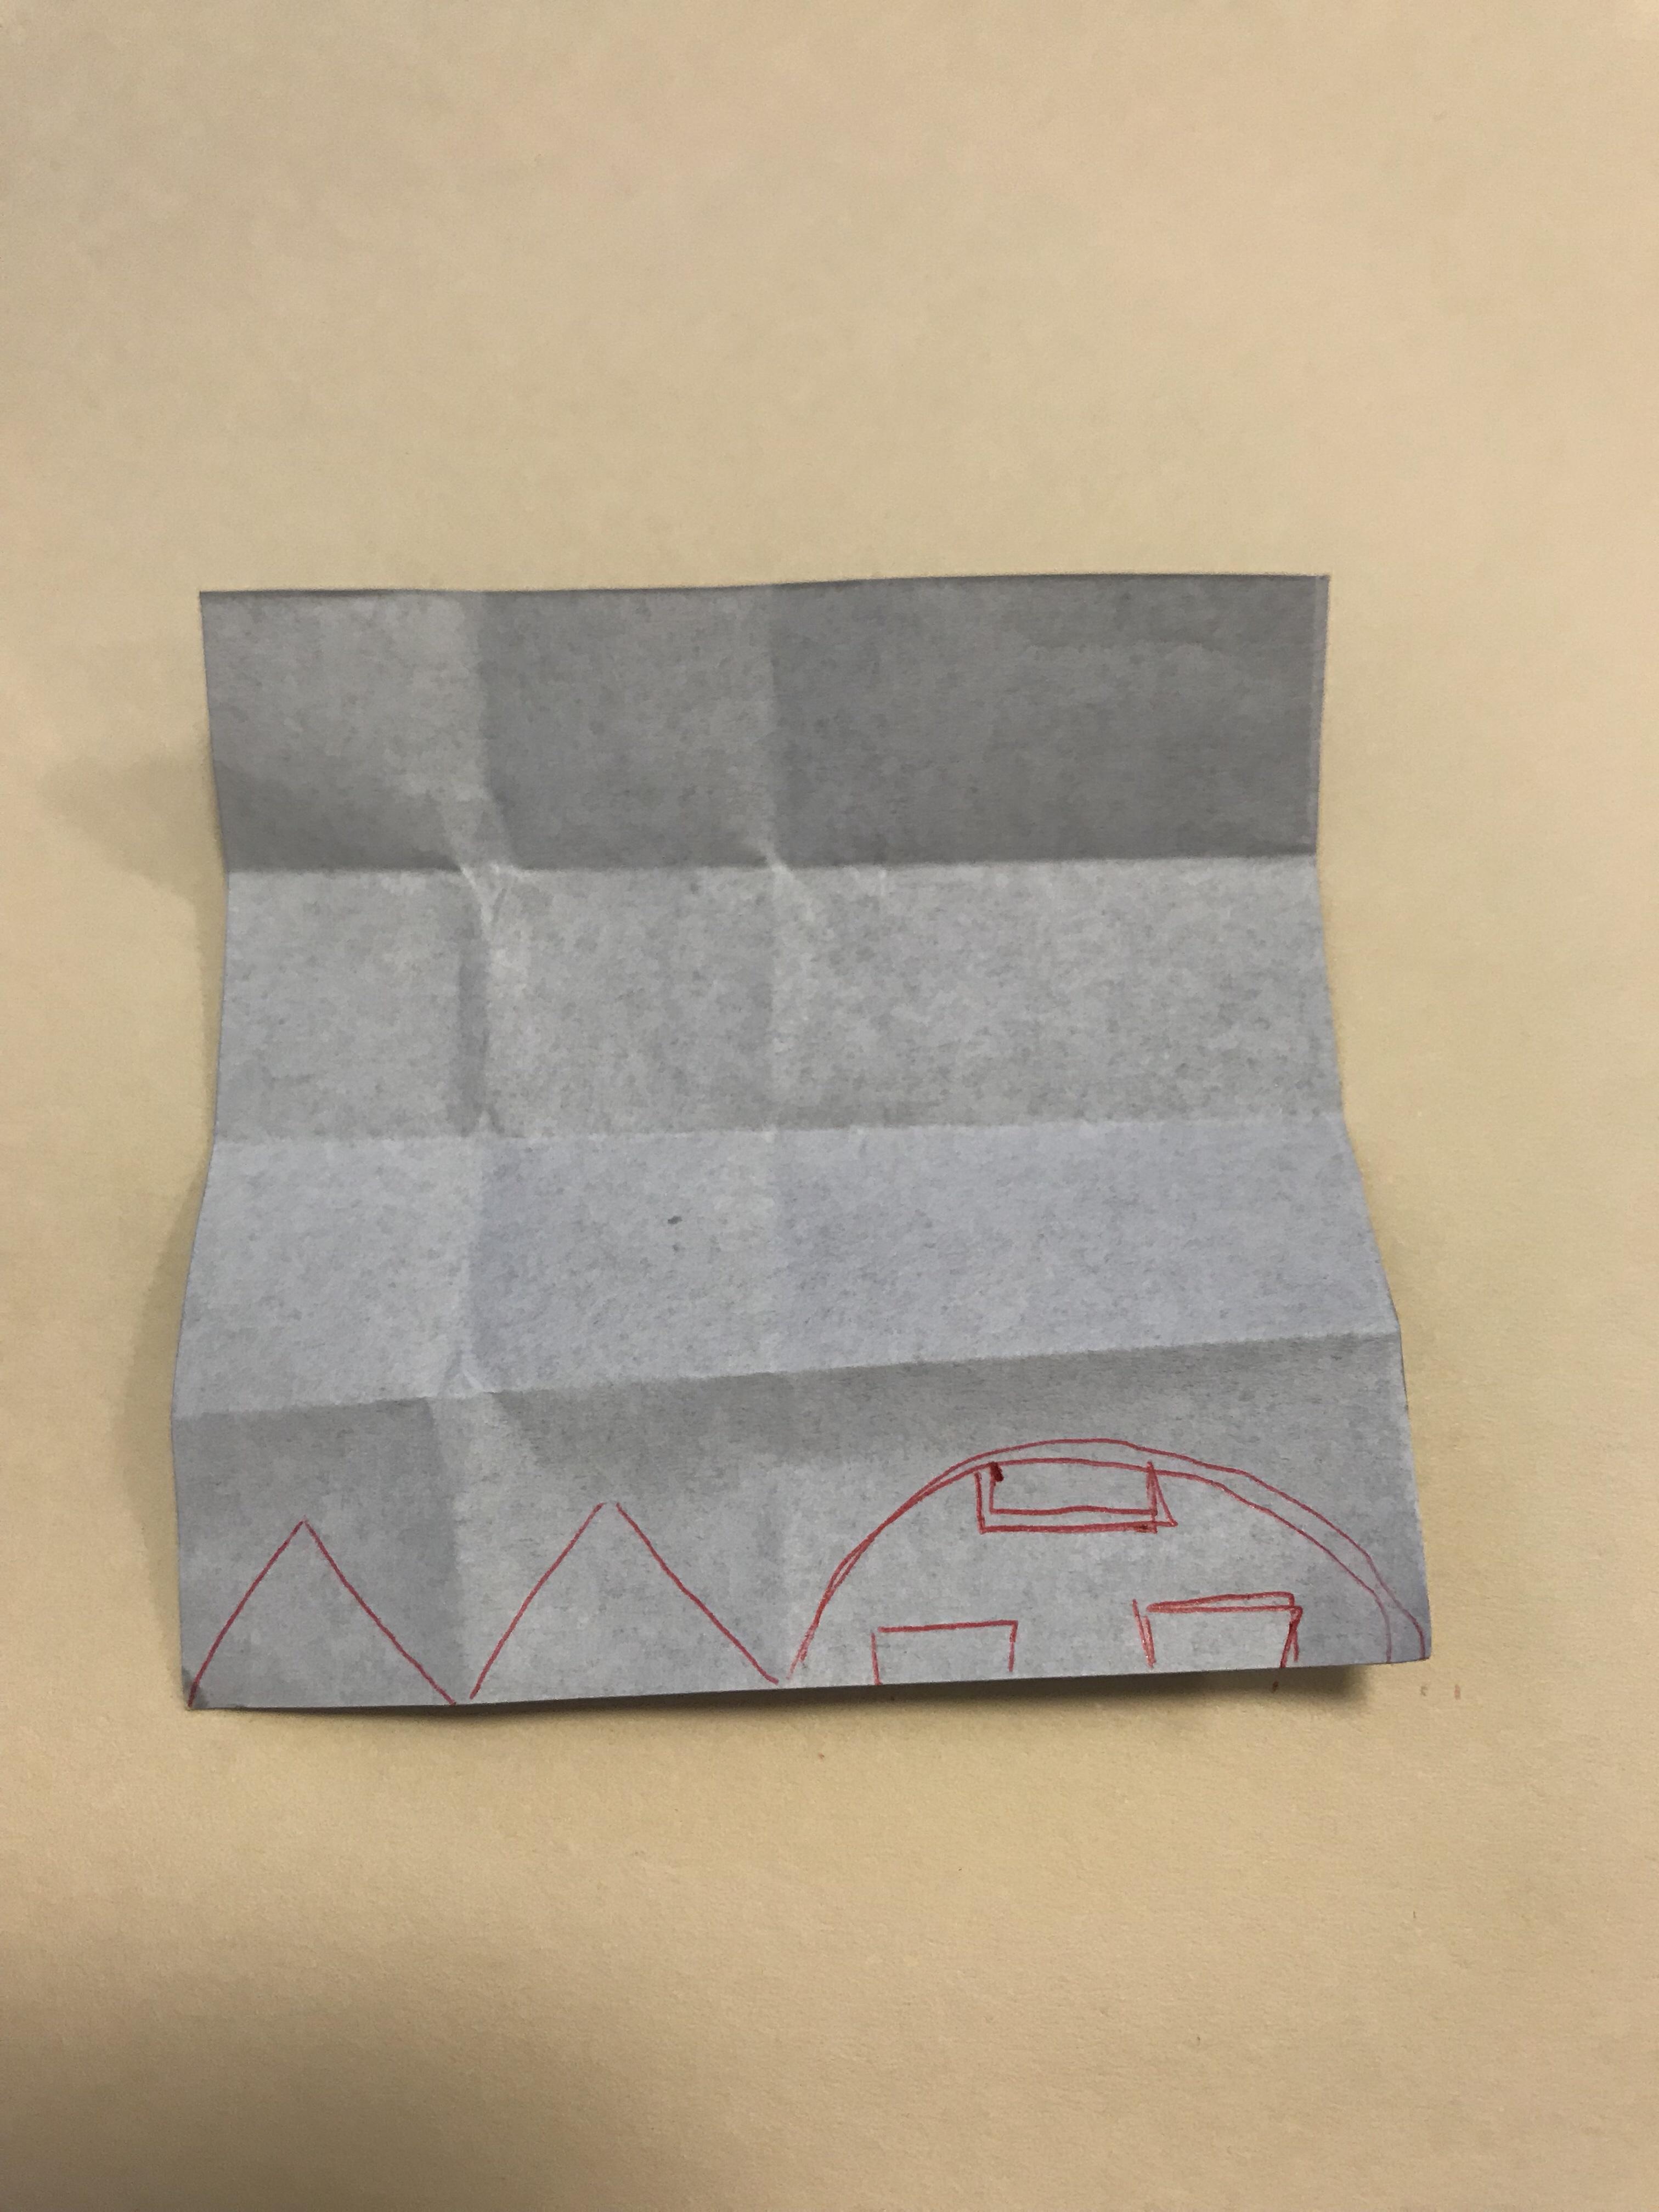 目と口のデザイン図